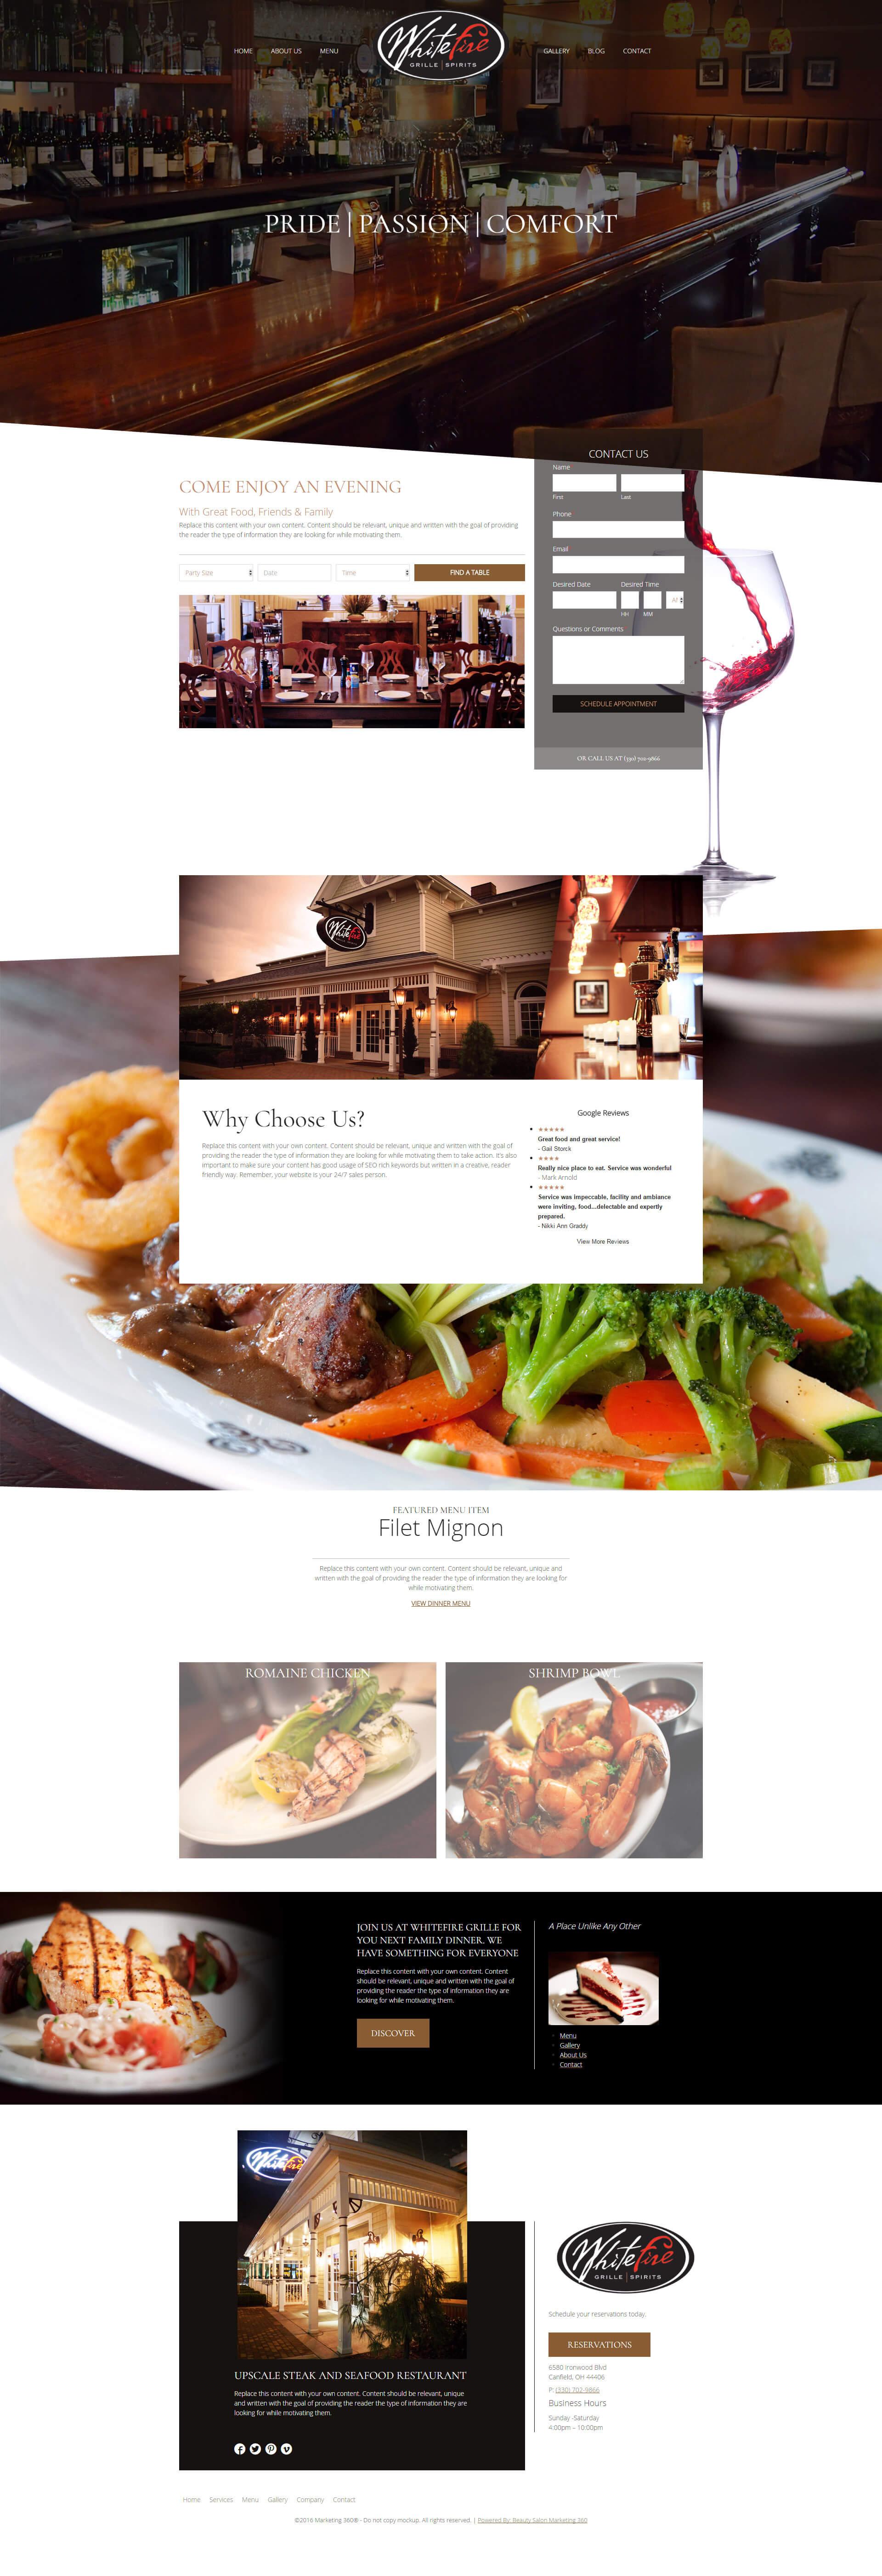 whitefire restaurant website design